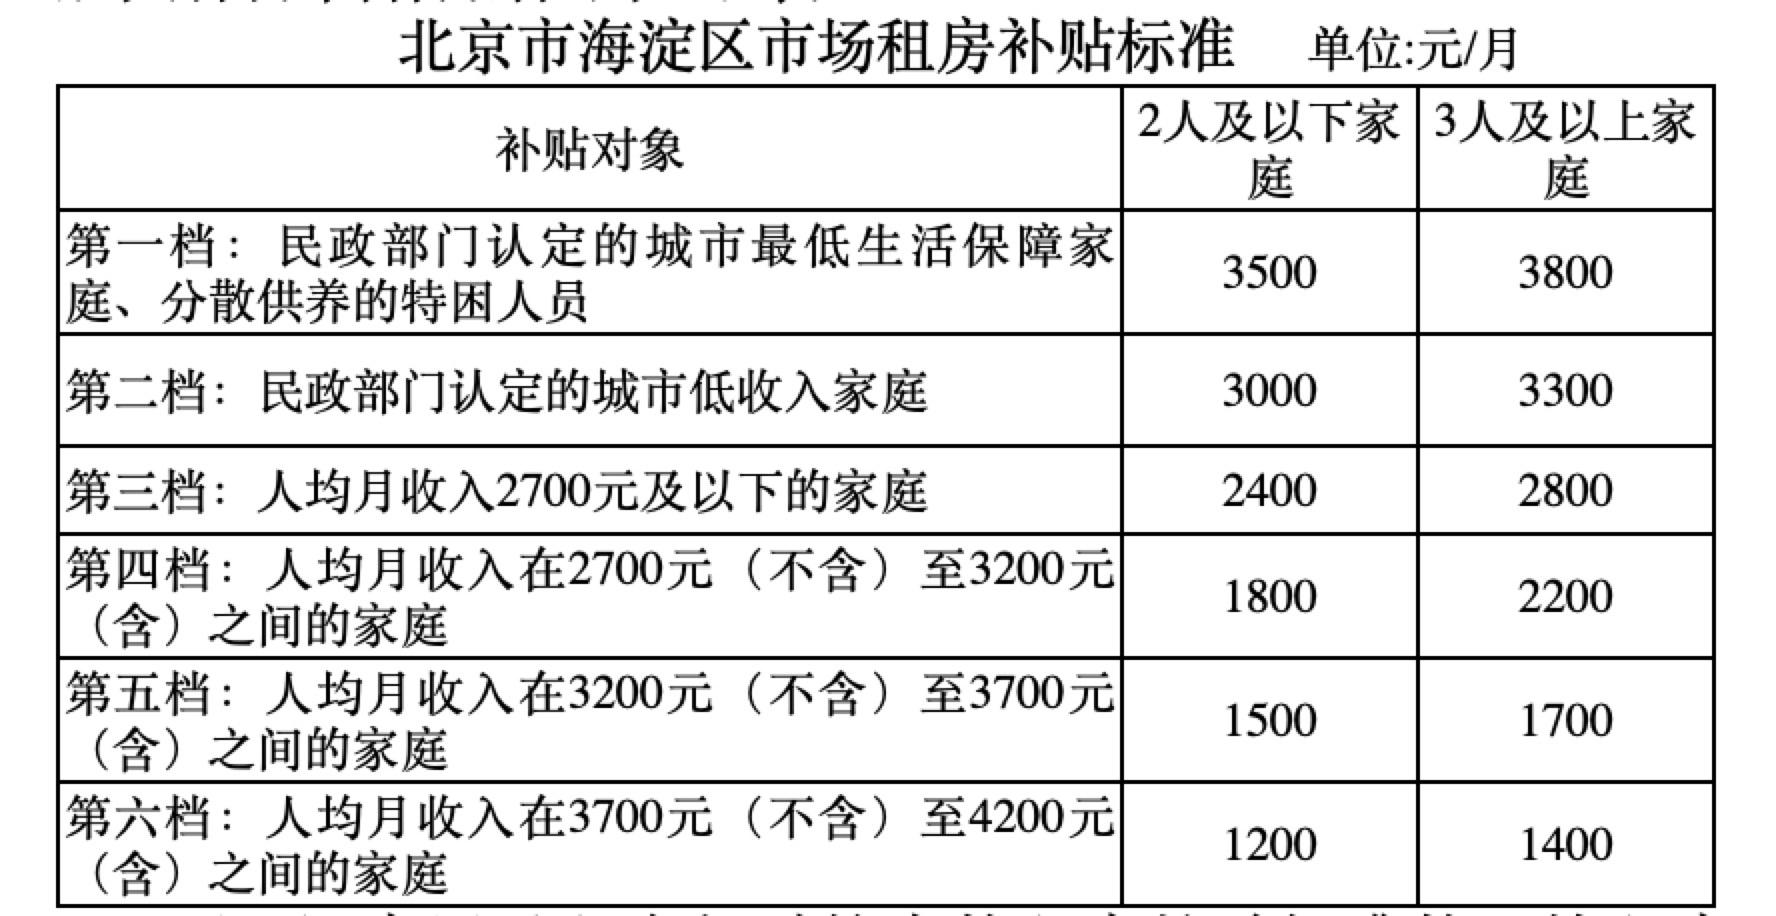 杏悦,场租房补贴标准户最高每杏悦月补贴3800元图片